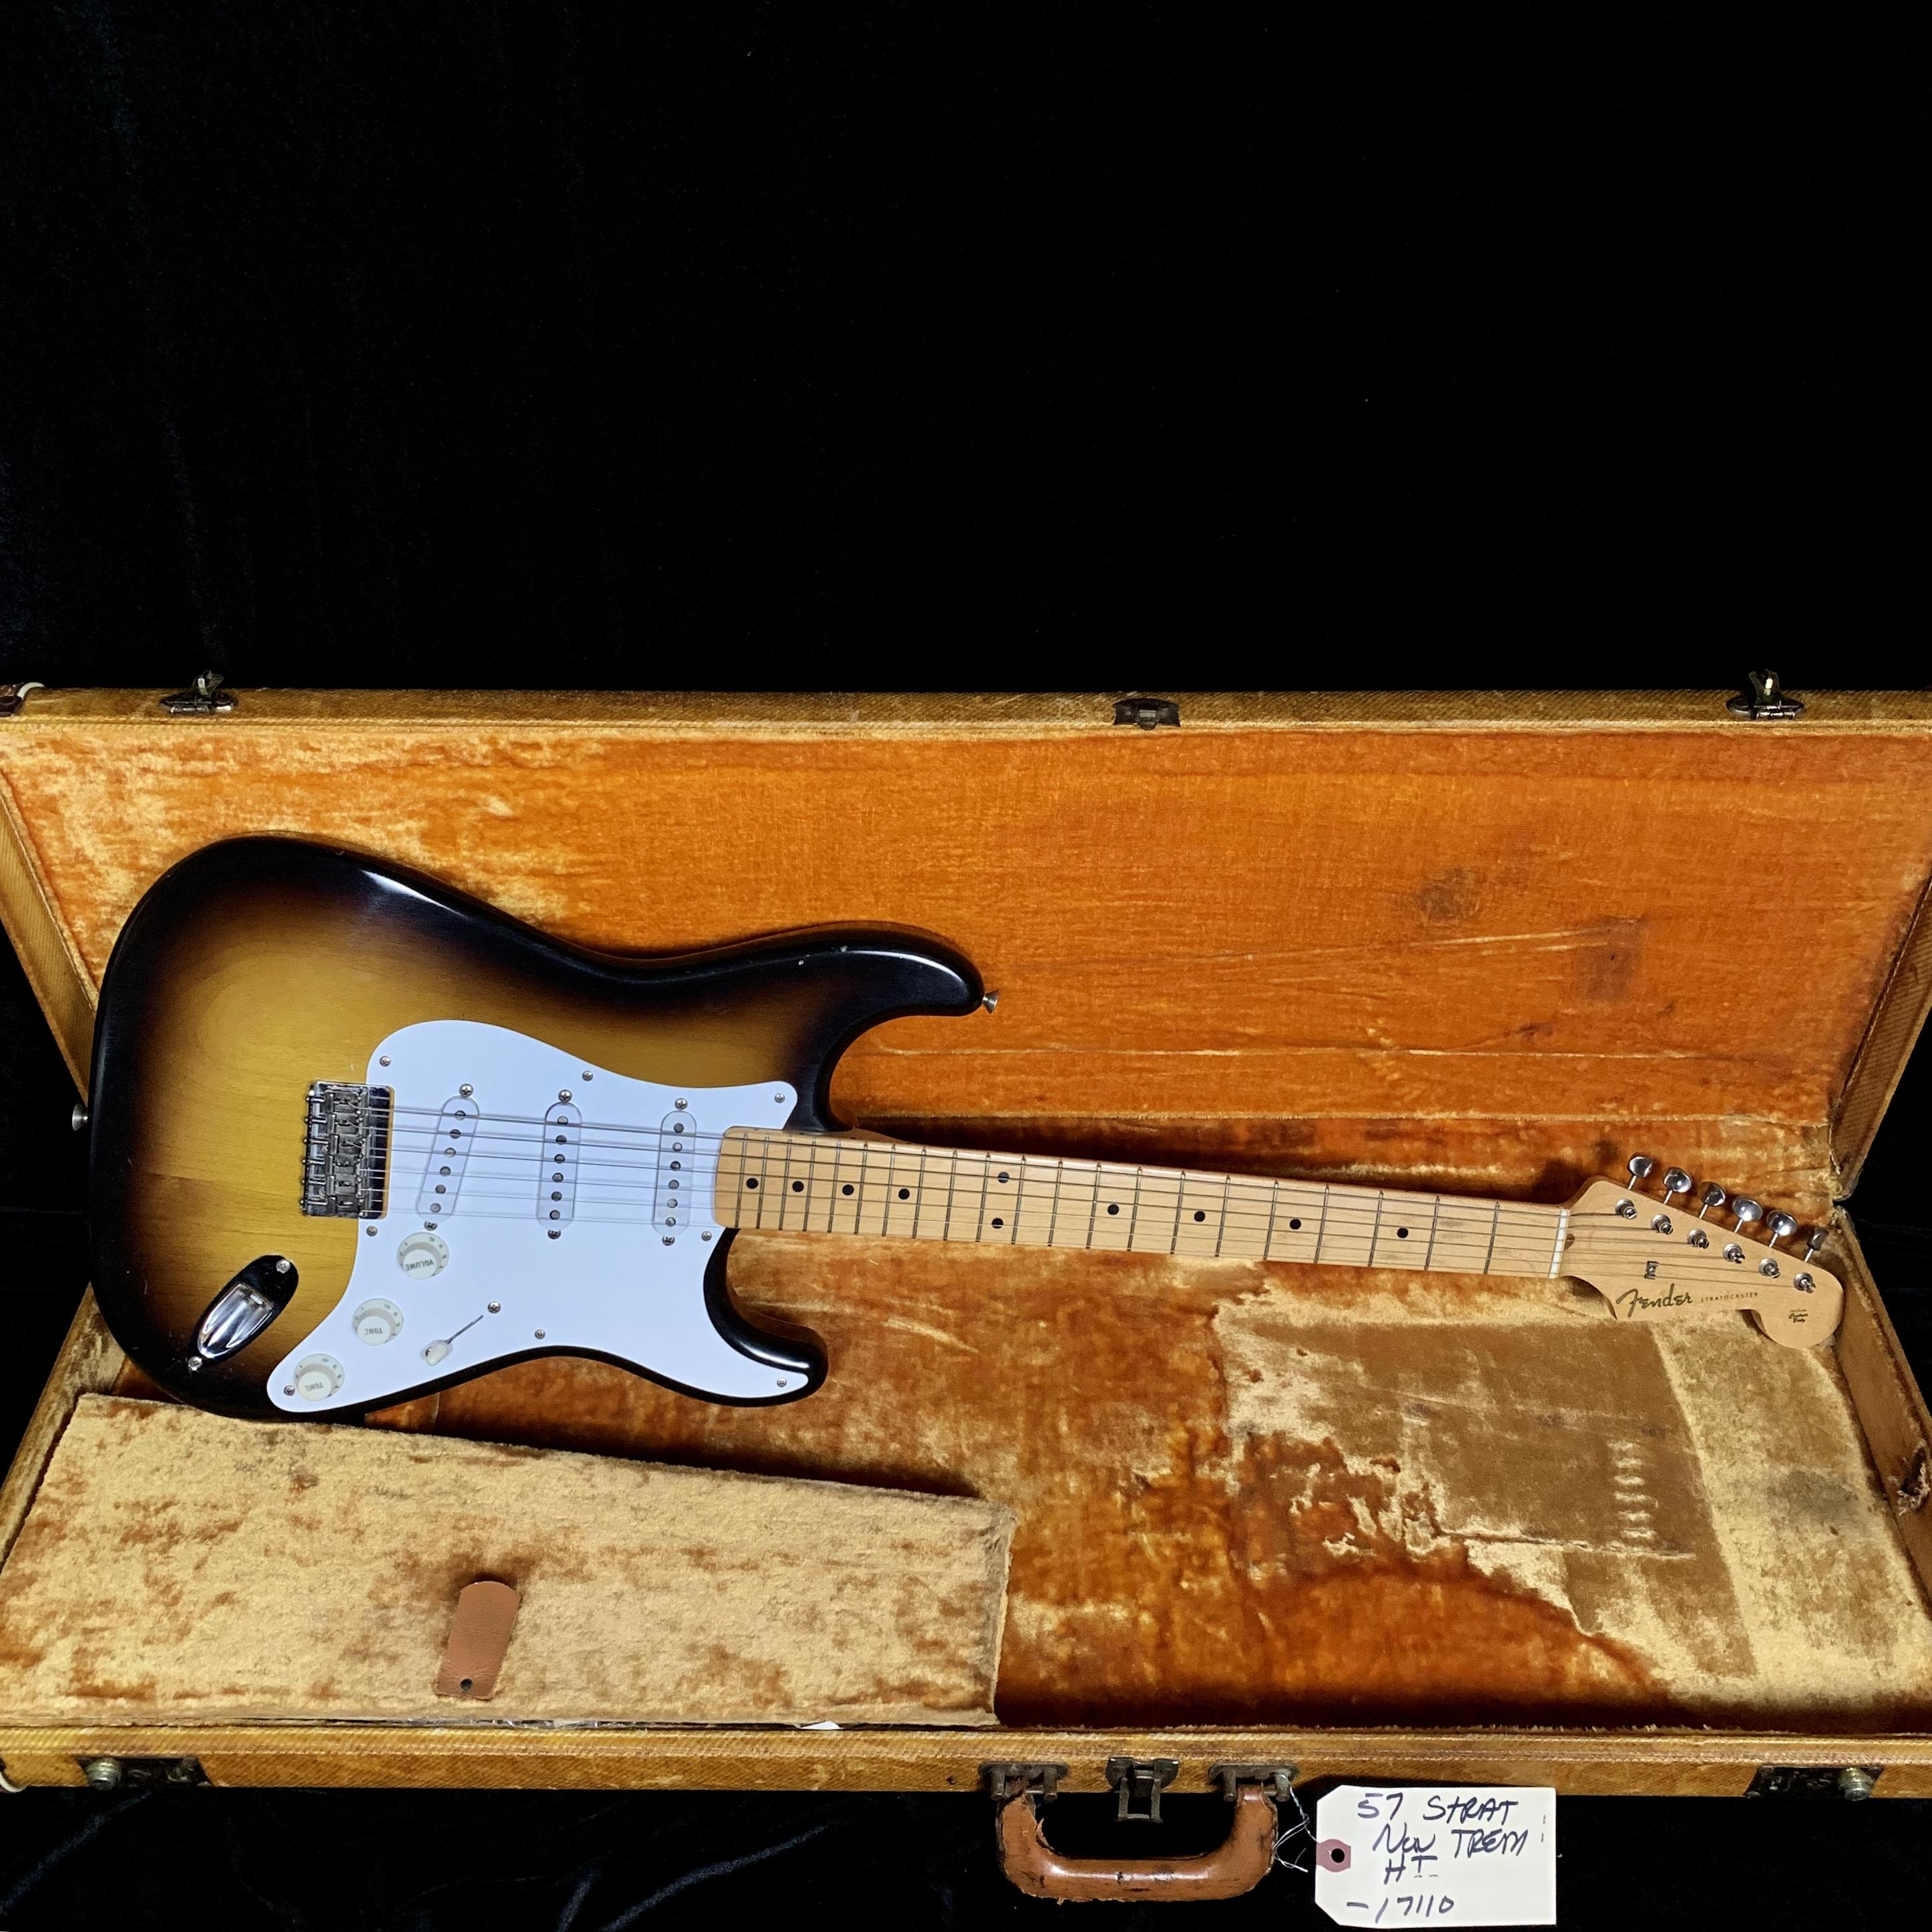 1957 Fender Stratocaster Sunburst Non-trem SN# 17110